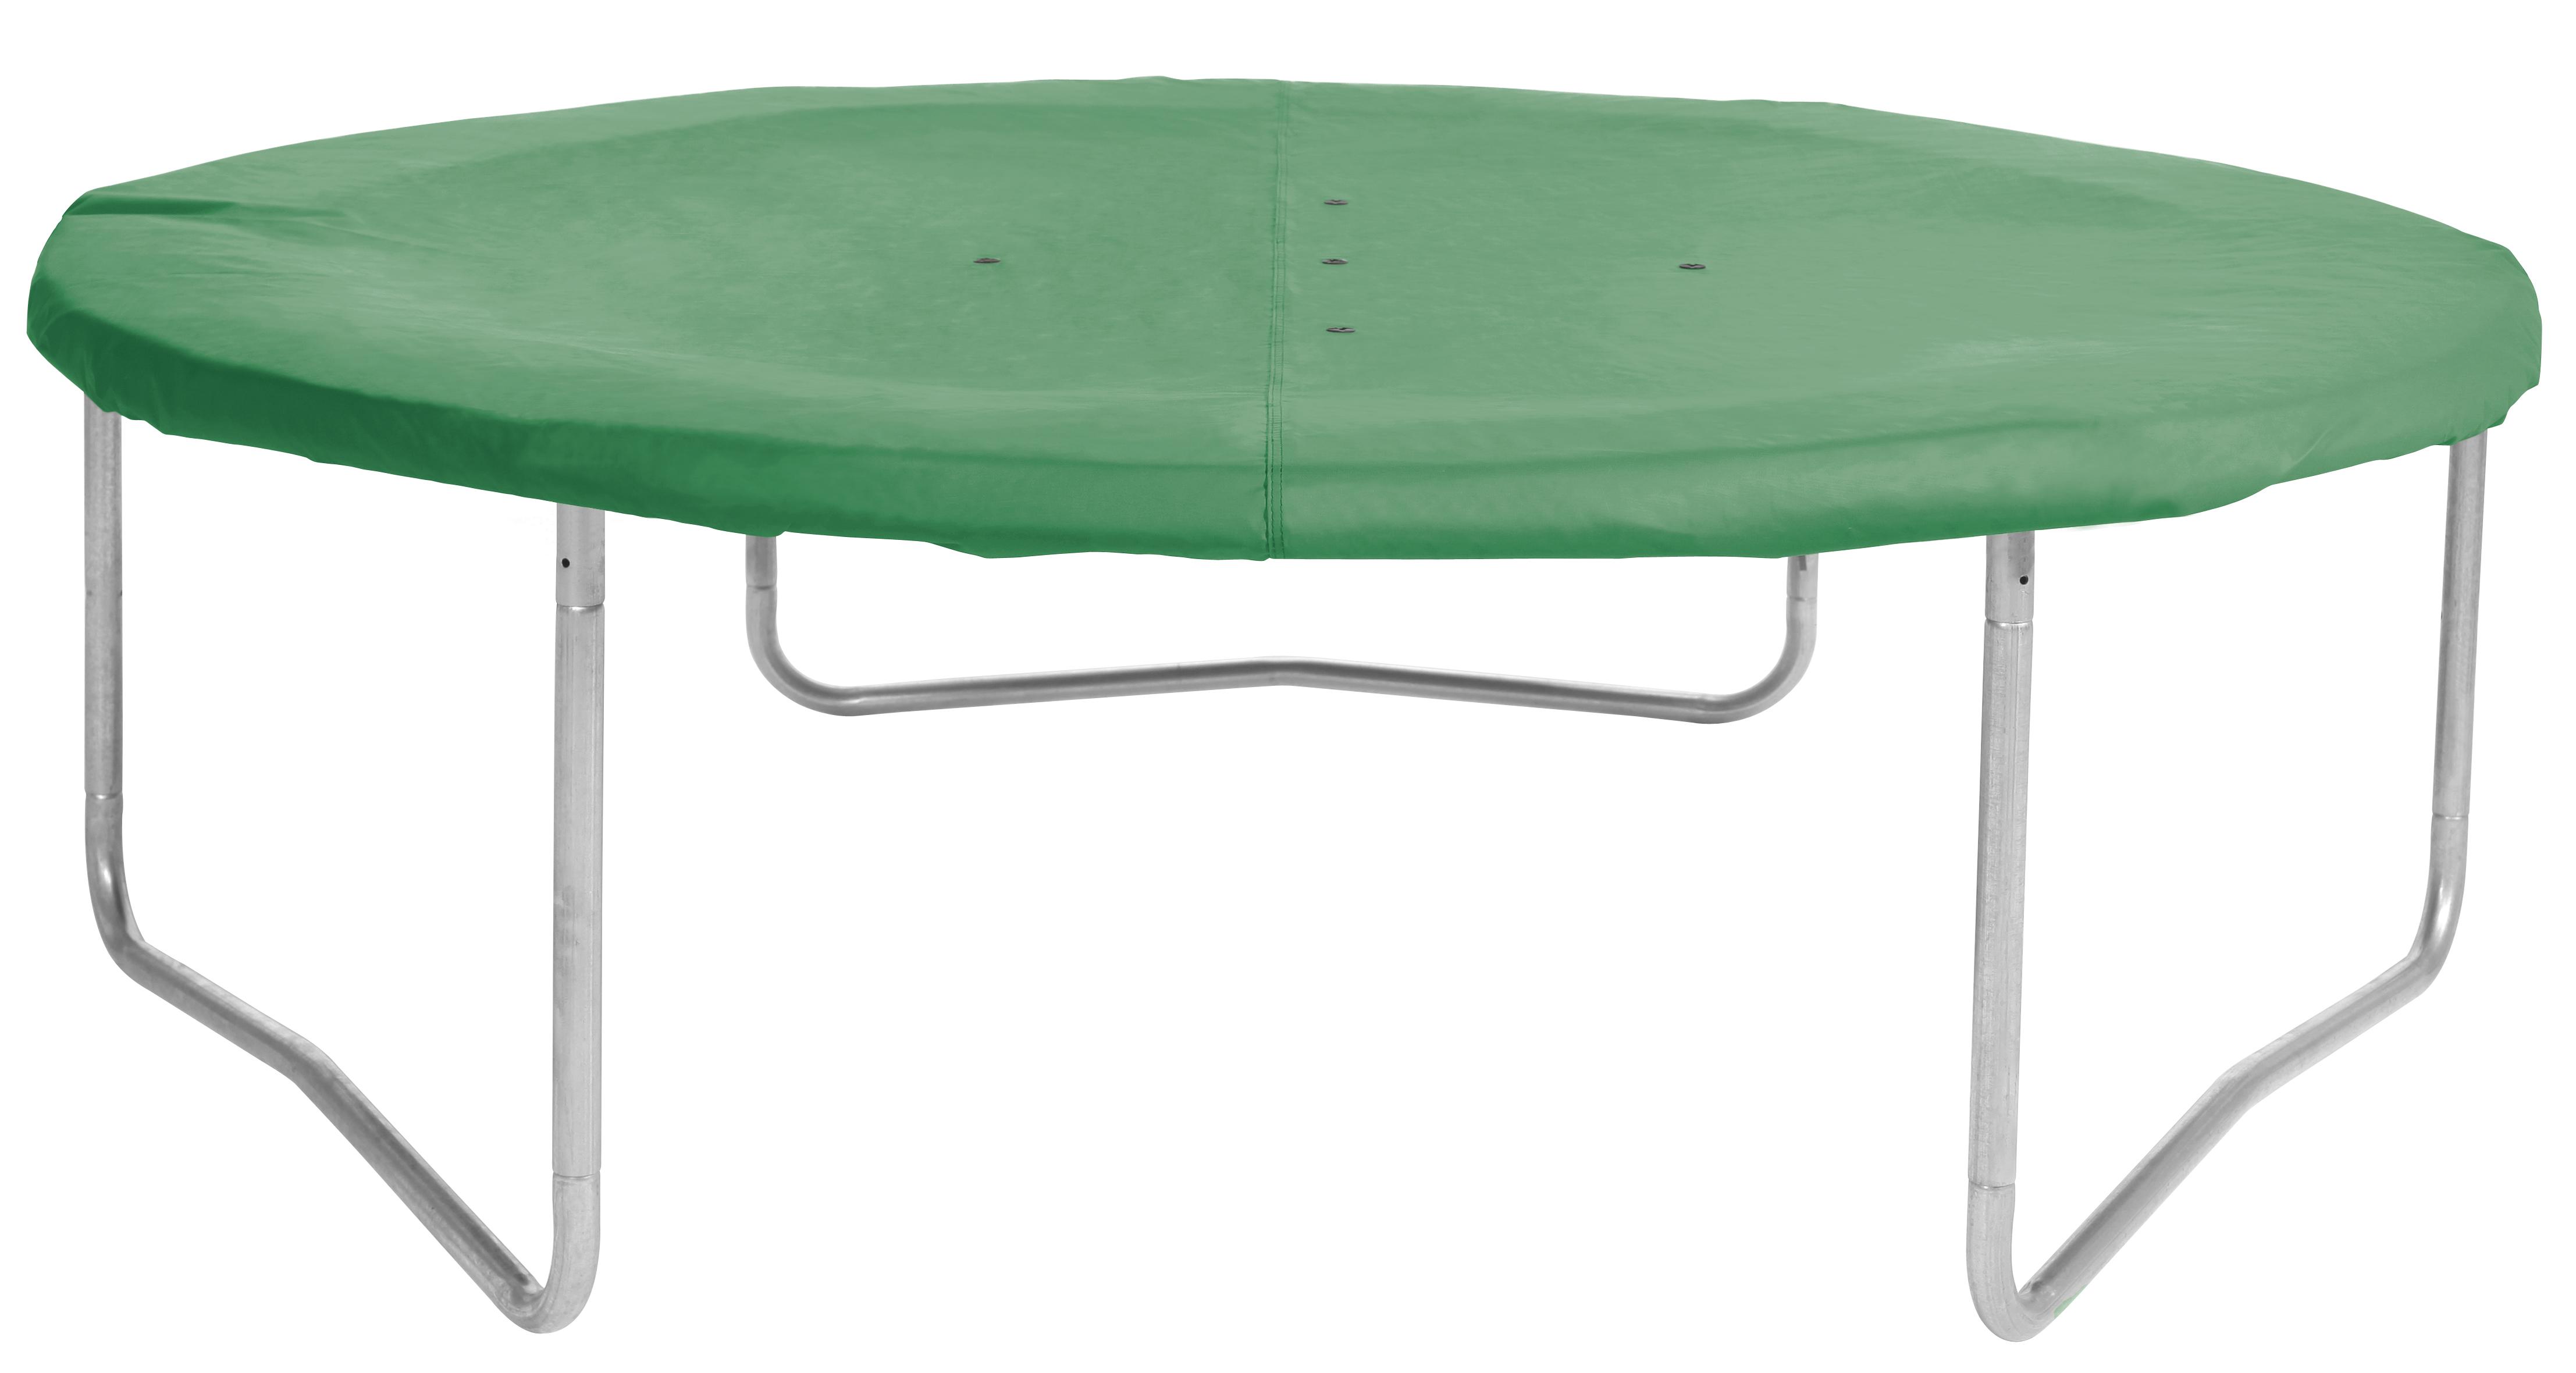 Salta 606 Trampoline Beschermhoes Groen 427cm